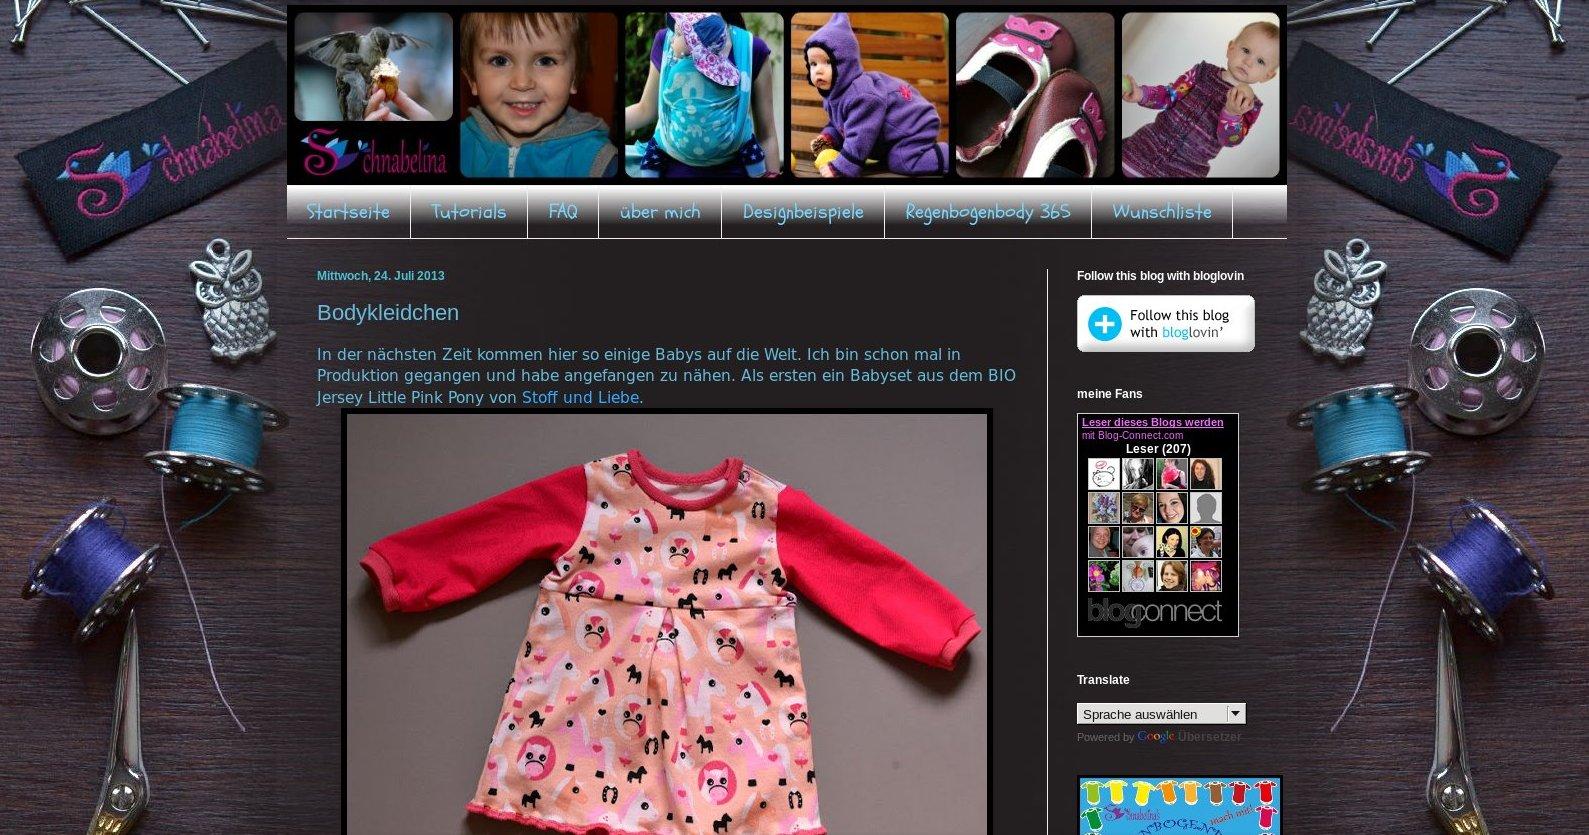 Teil 6 Baby-Pause-Blogvorstellungsinterview: Schnabelina